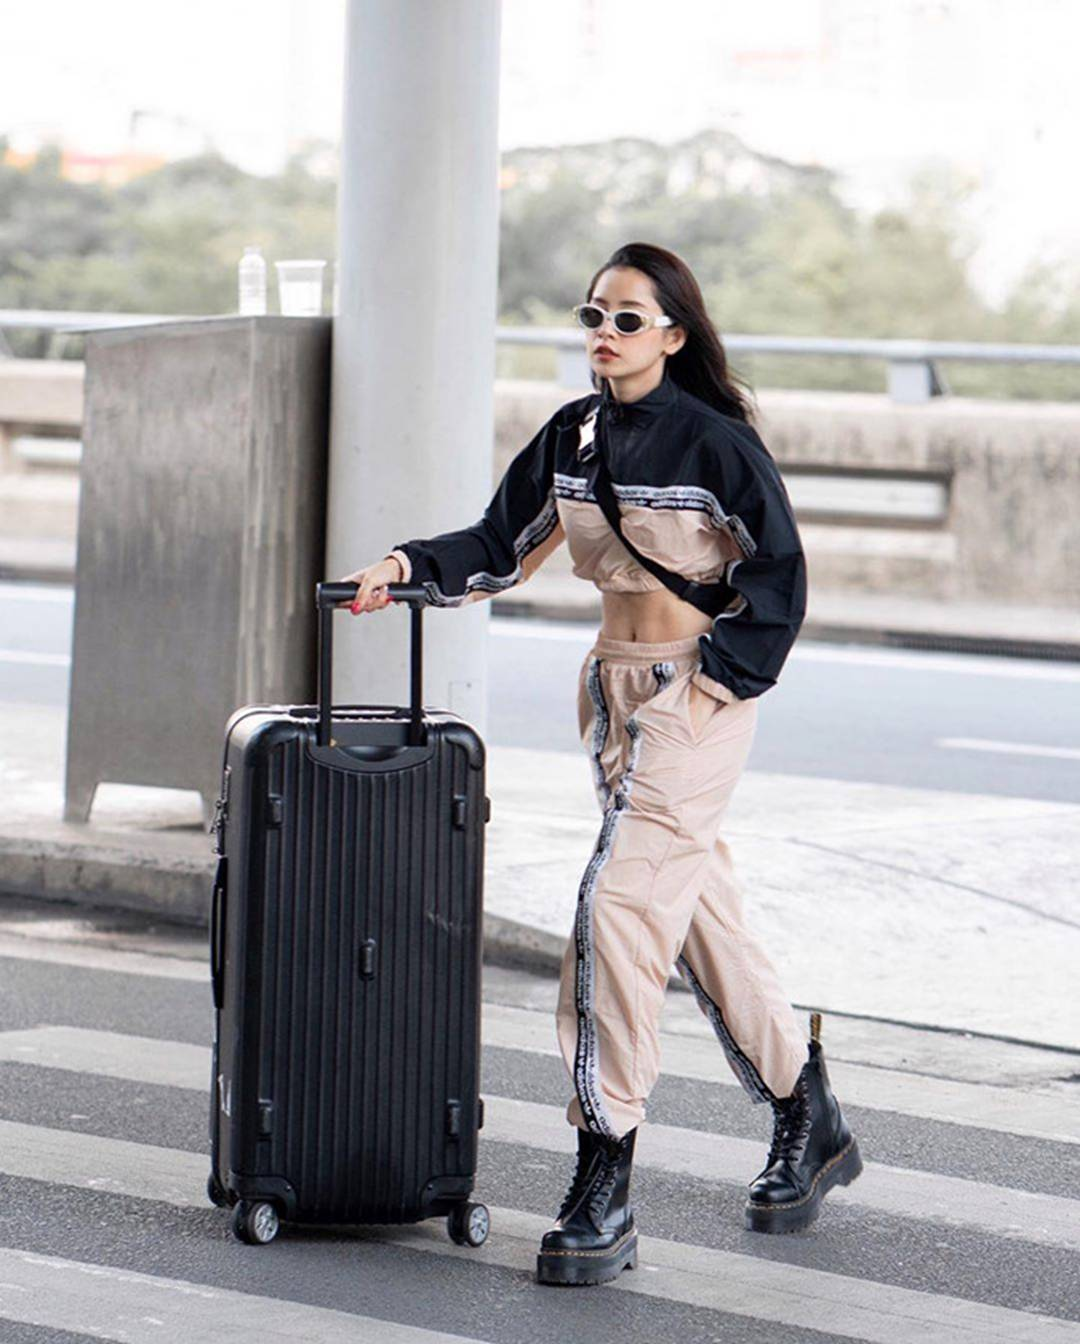 Chán mặc hở vòng một, mỹ nhân Việt chạy theo trend khoe eo, cơ bụng-11